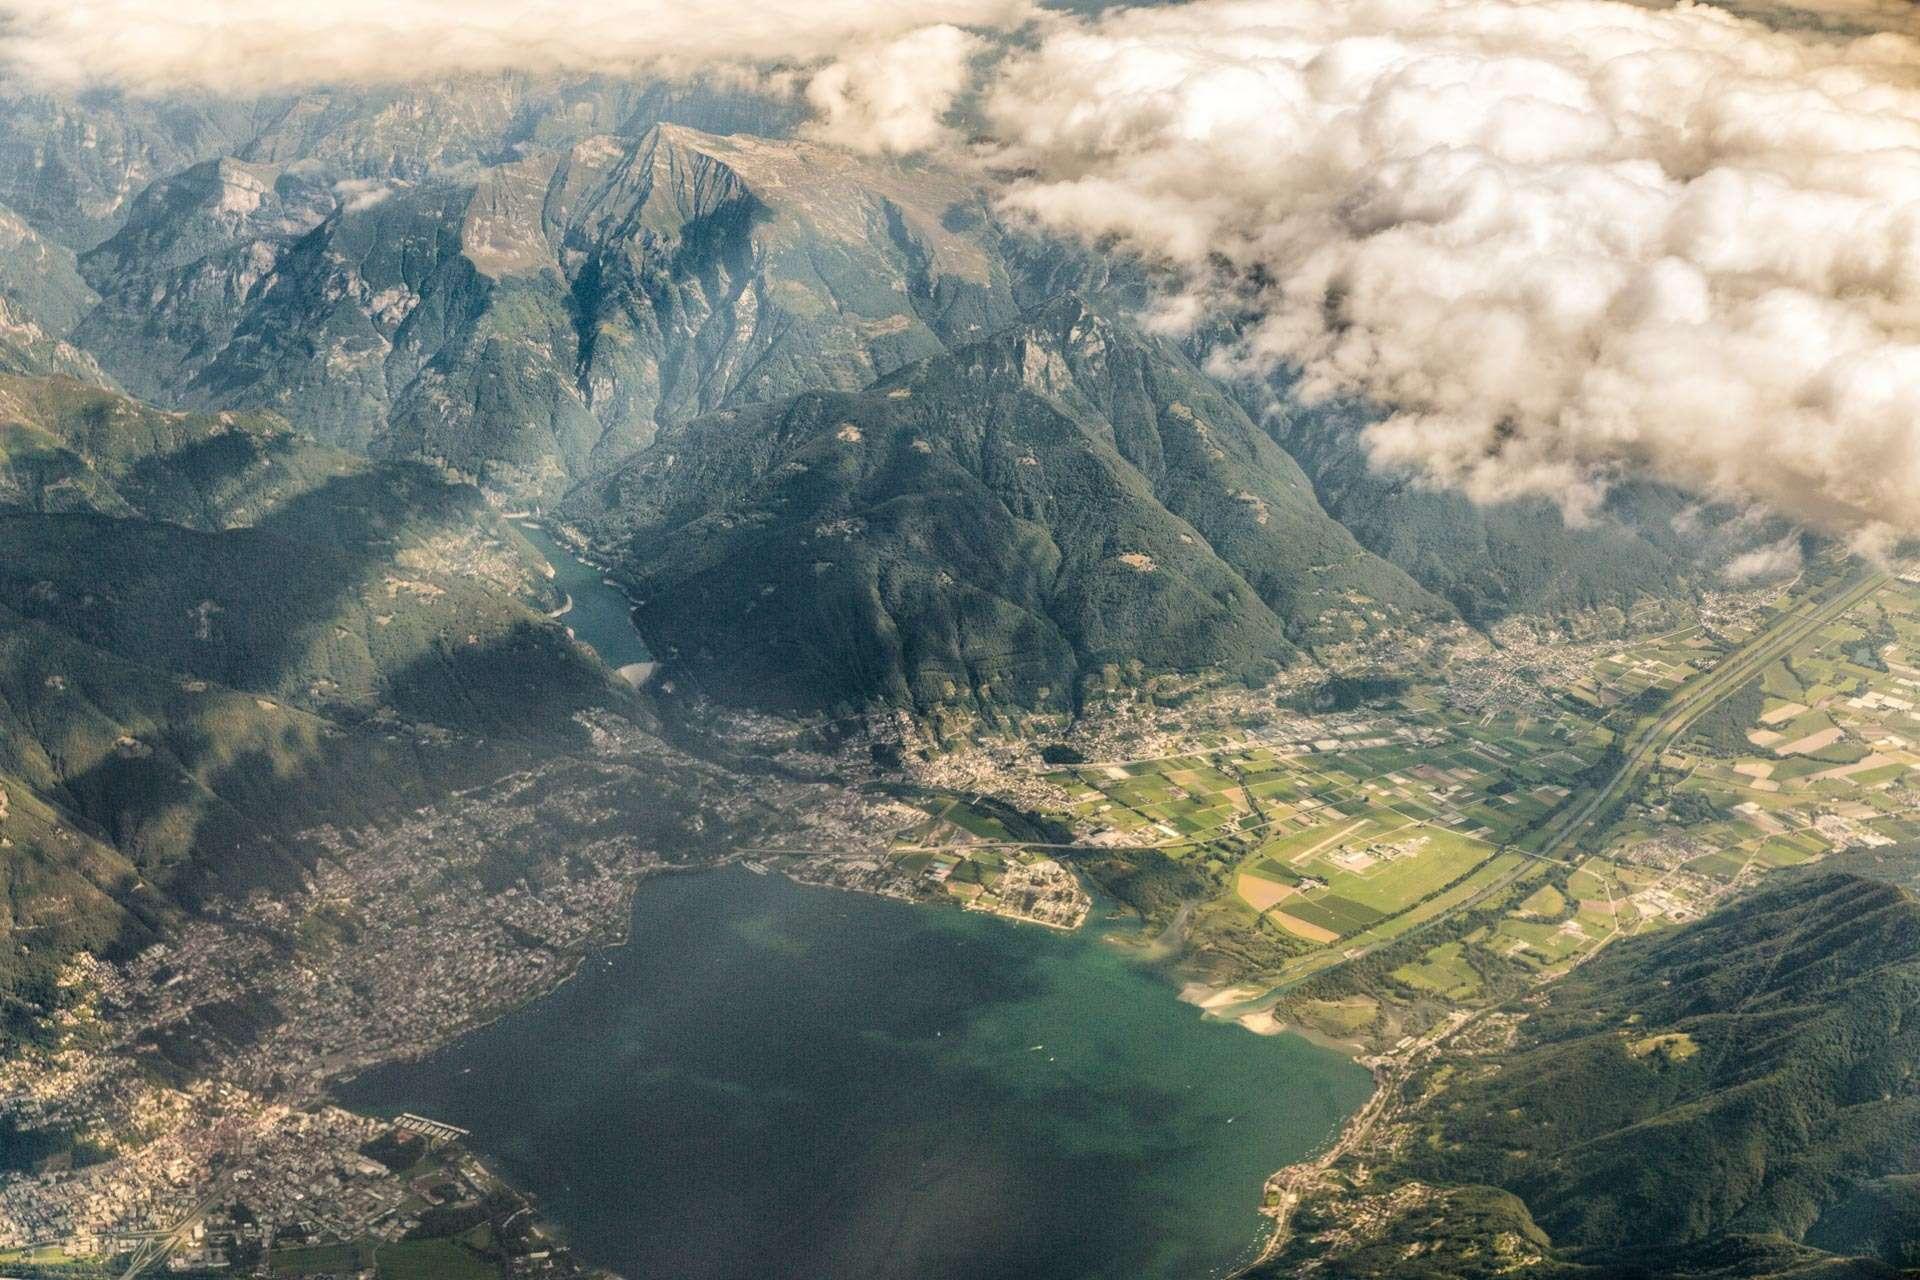 Endnu en udsigt fra flyet. Jeg tror, at det er Schweiz.